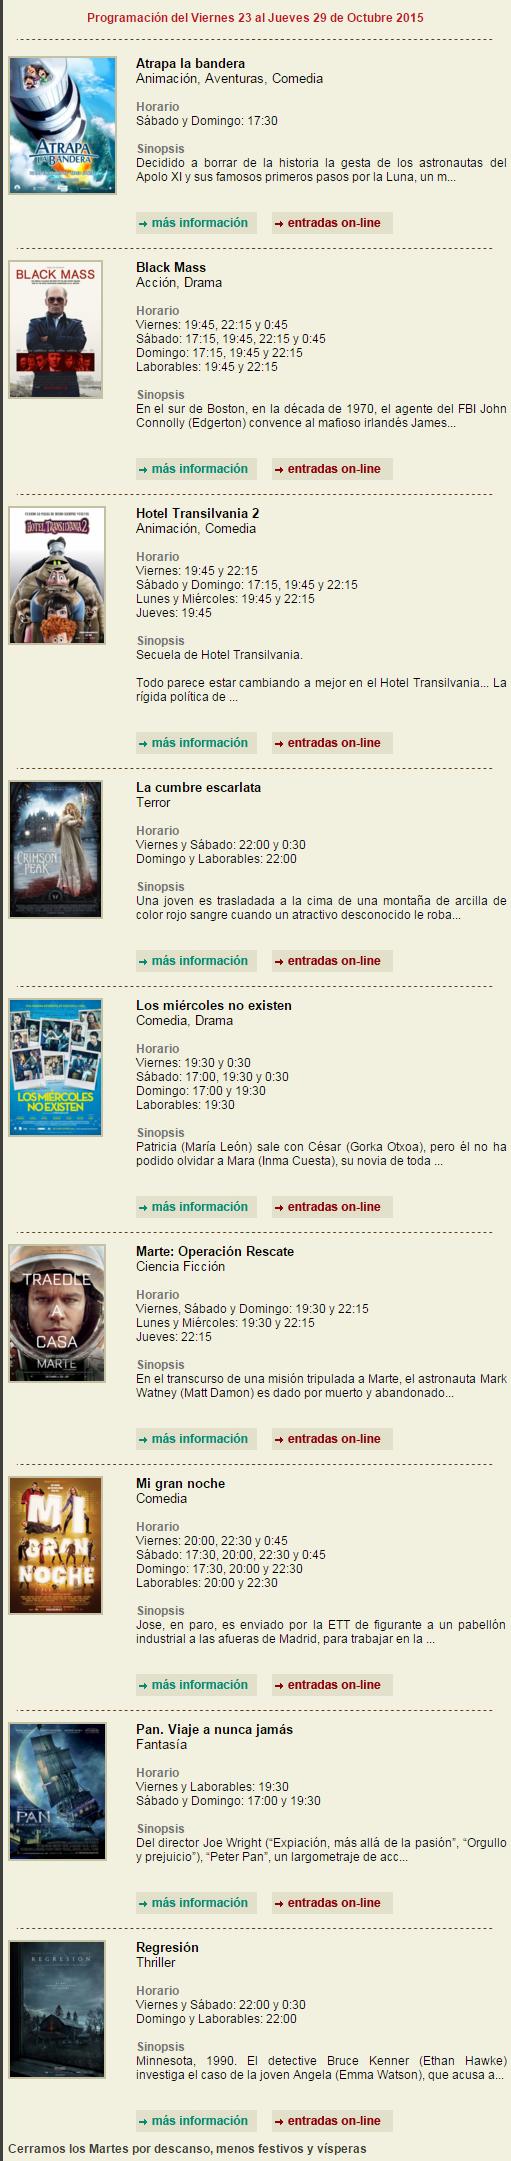 Cinemancha.com Multicines Cinemancha Alcázar de San Juan - Programación Cinemancha del Viernes 23 al Jueves 29 de Octubre 2015